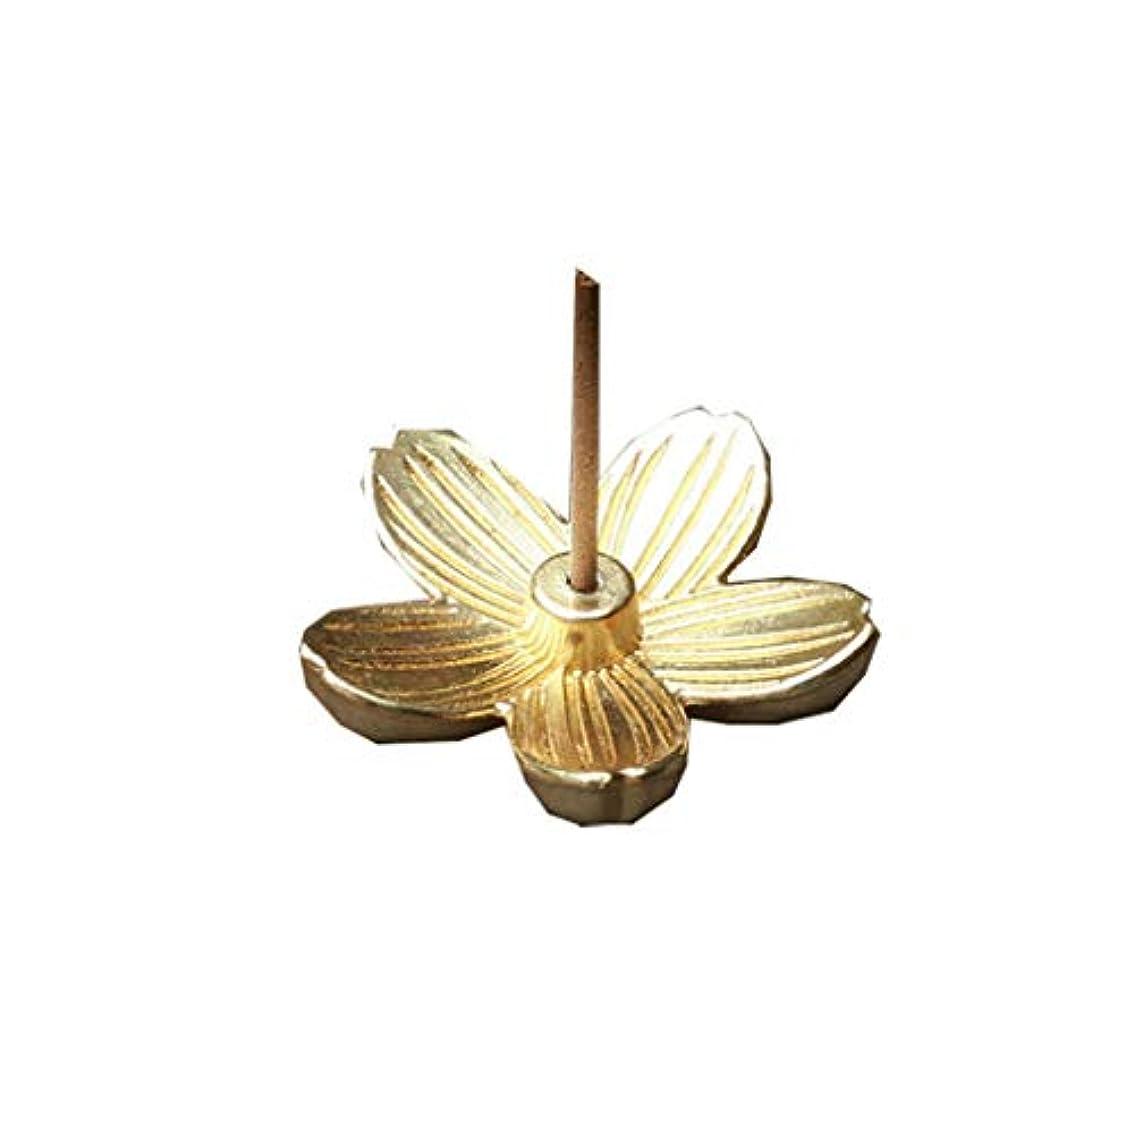 ペイントドロップ血まみれのクリエイティブヴィンテージ銅アートさくら型の香炉香スティックコーンホルダーホーム仏教の装飾誕生日お香ホルダー (Color : Gold, サイズ : 1.14*1.14inchs)